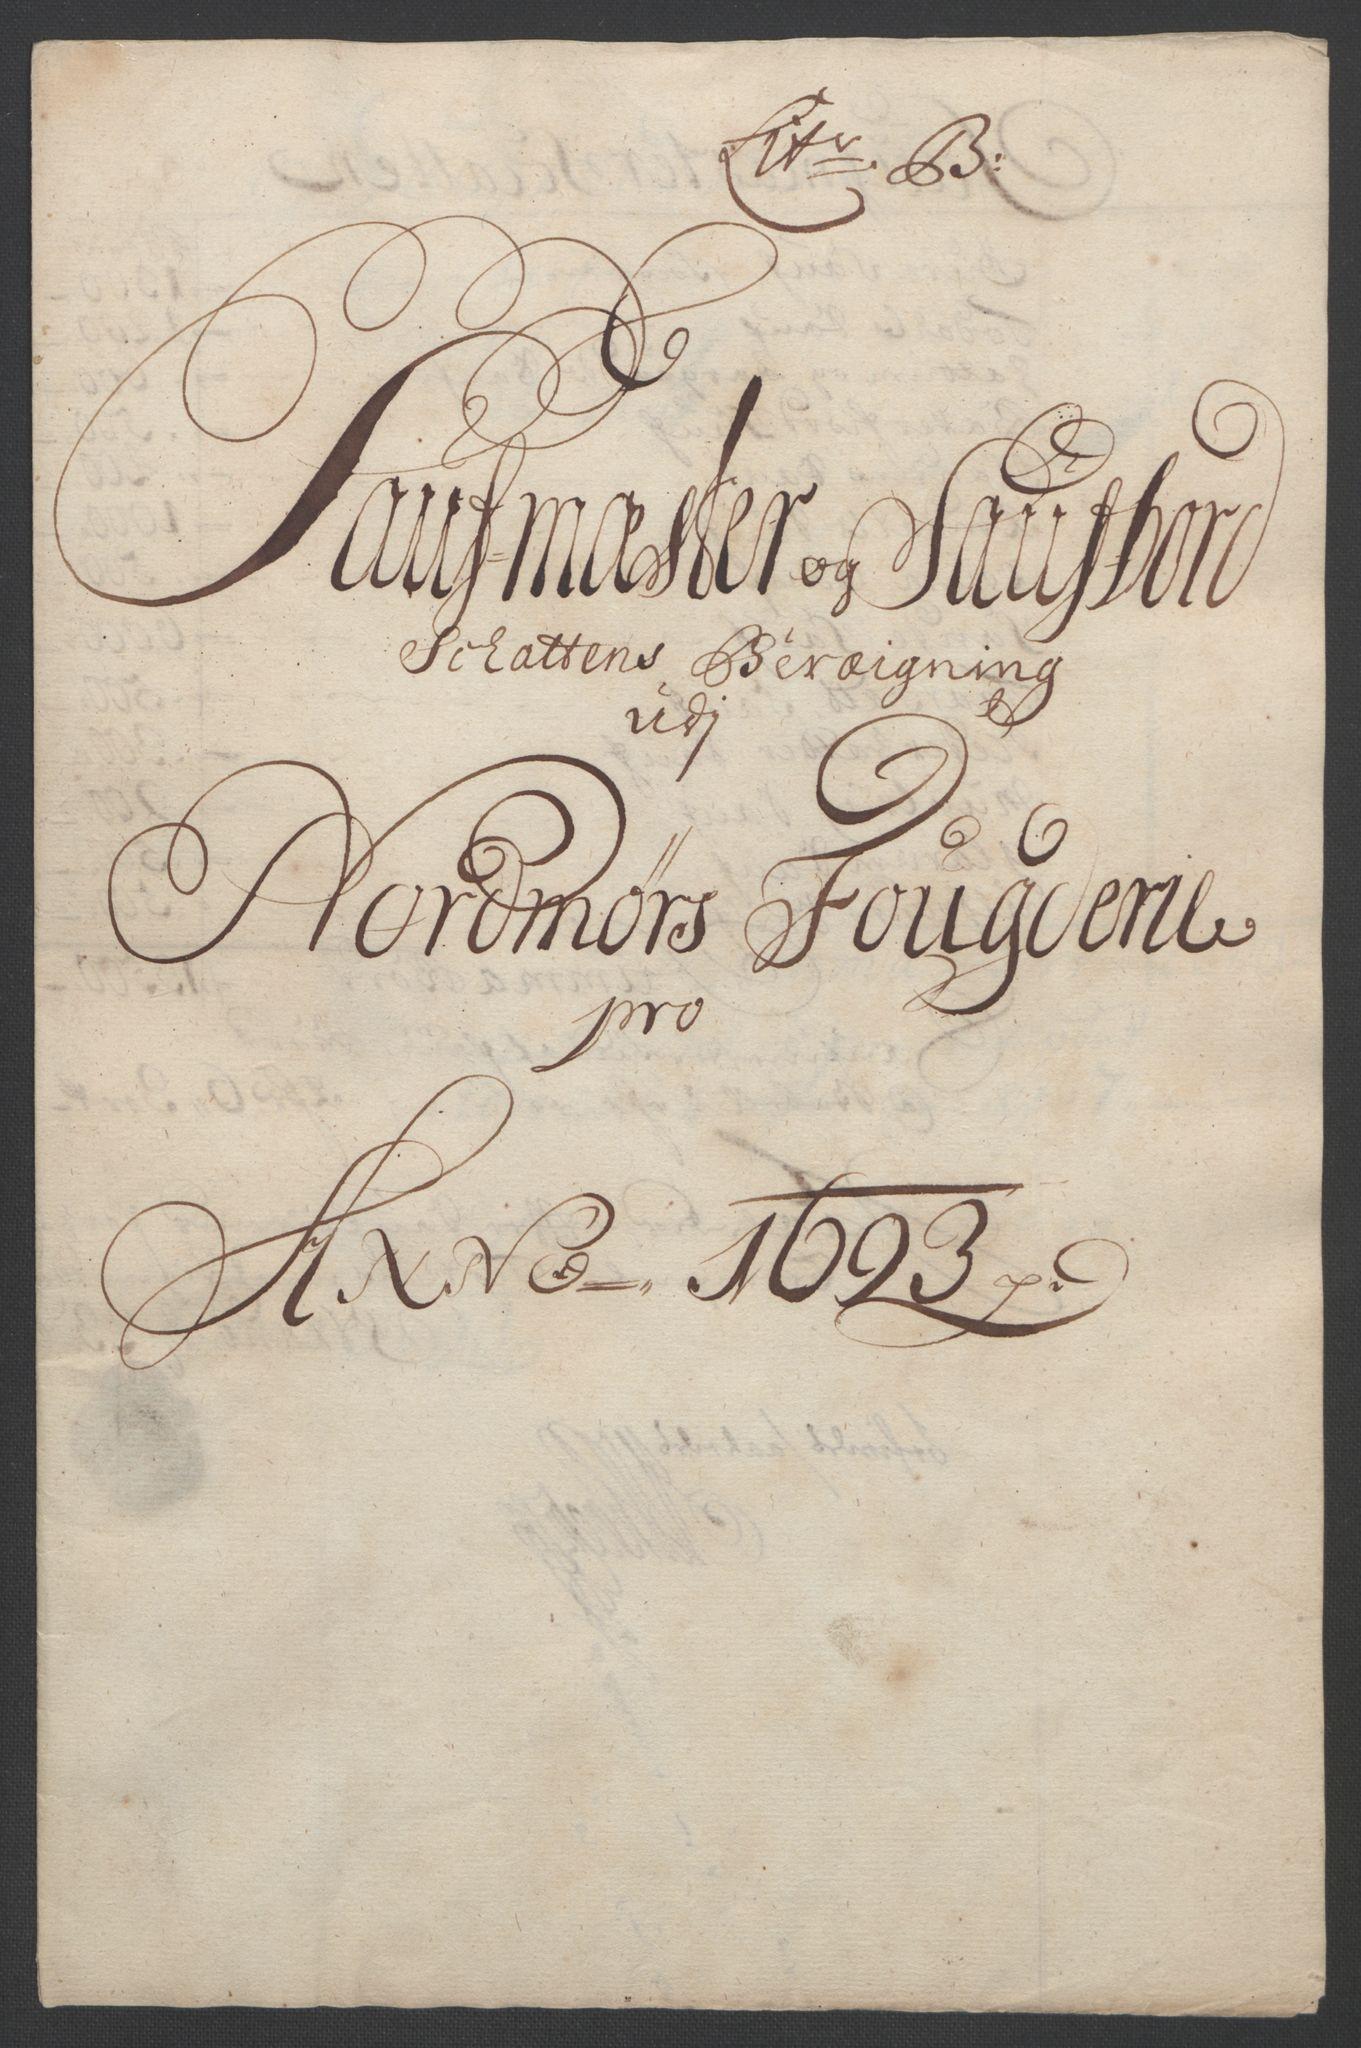 RA, Rentekammeret inntil 1814, Reviderte regnskaper, Fogderegnskap, R56/L3735: Fogderegnskap Nordmøre, 1692-1693, s. 334